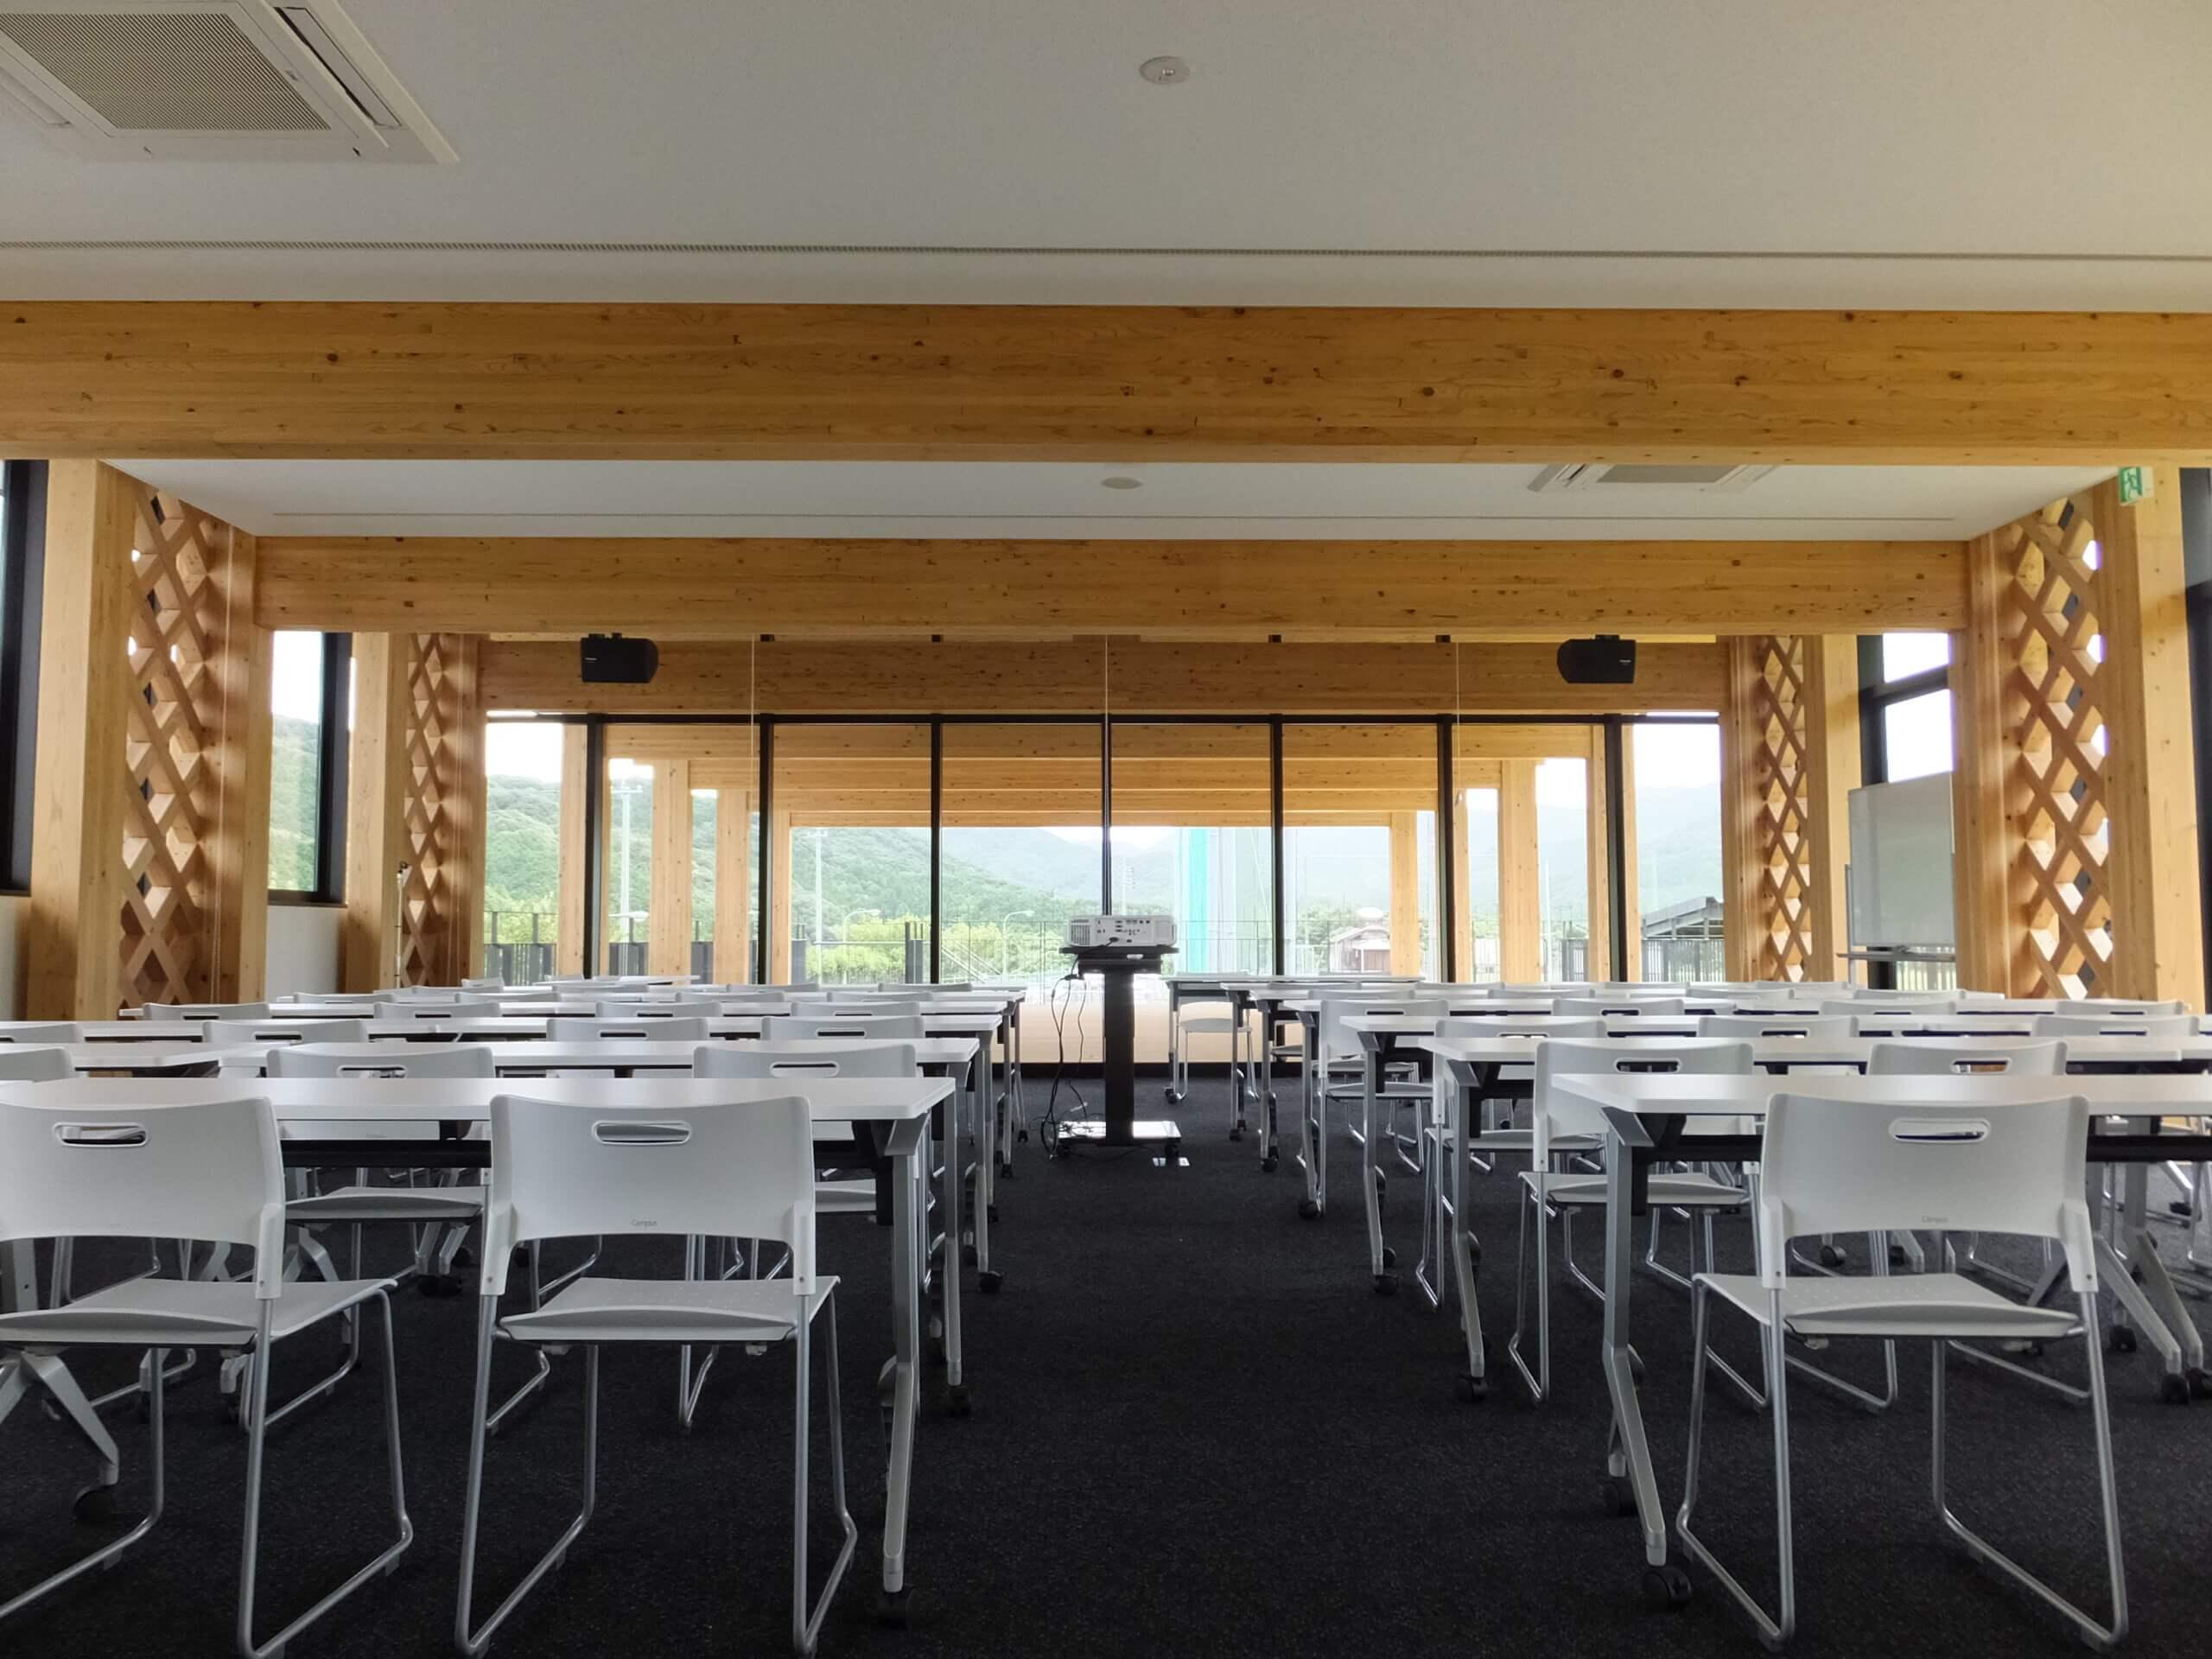 木造建築の施工事例:長門市俵山多目的交流広場 クラブハウス 3枚目